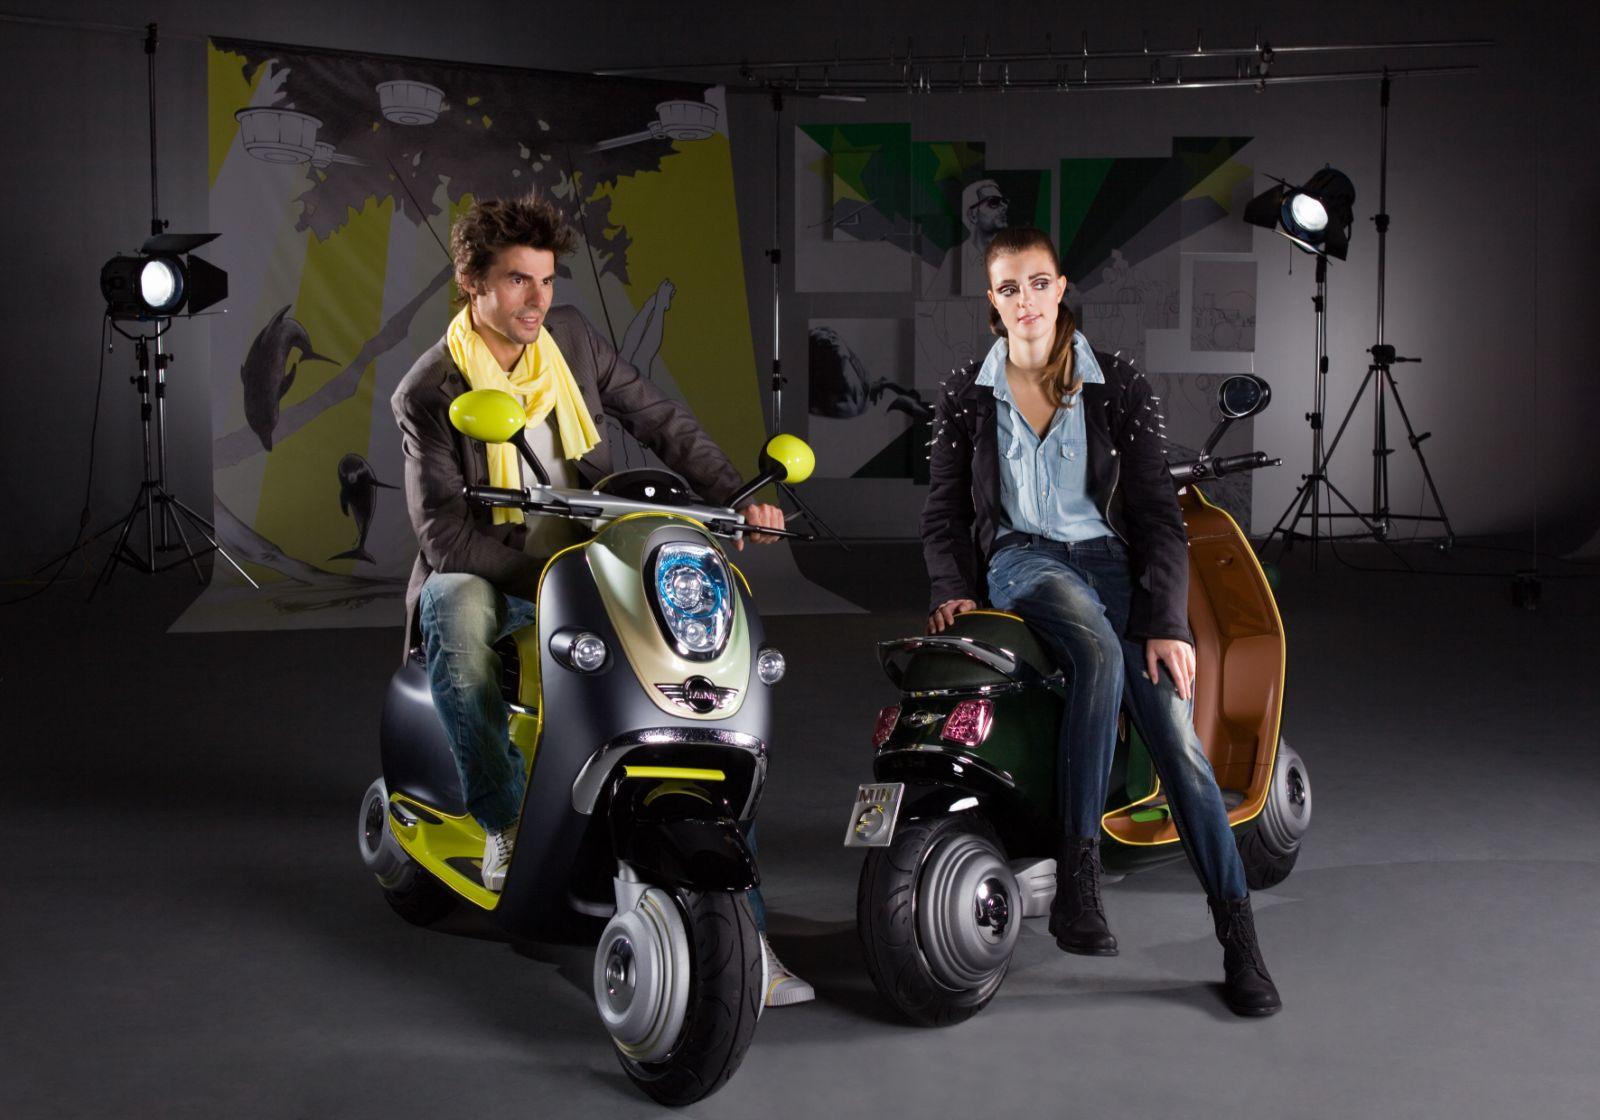 MINI E Scooter 21